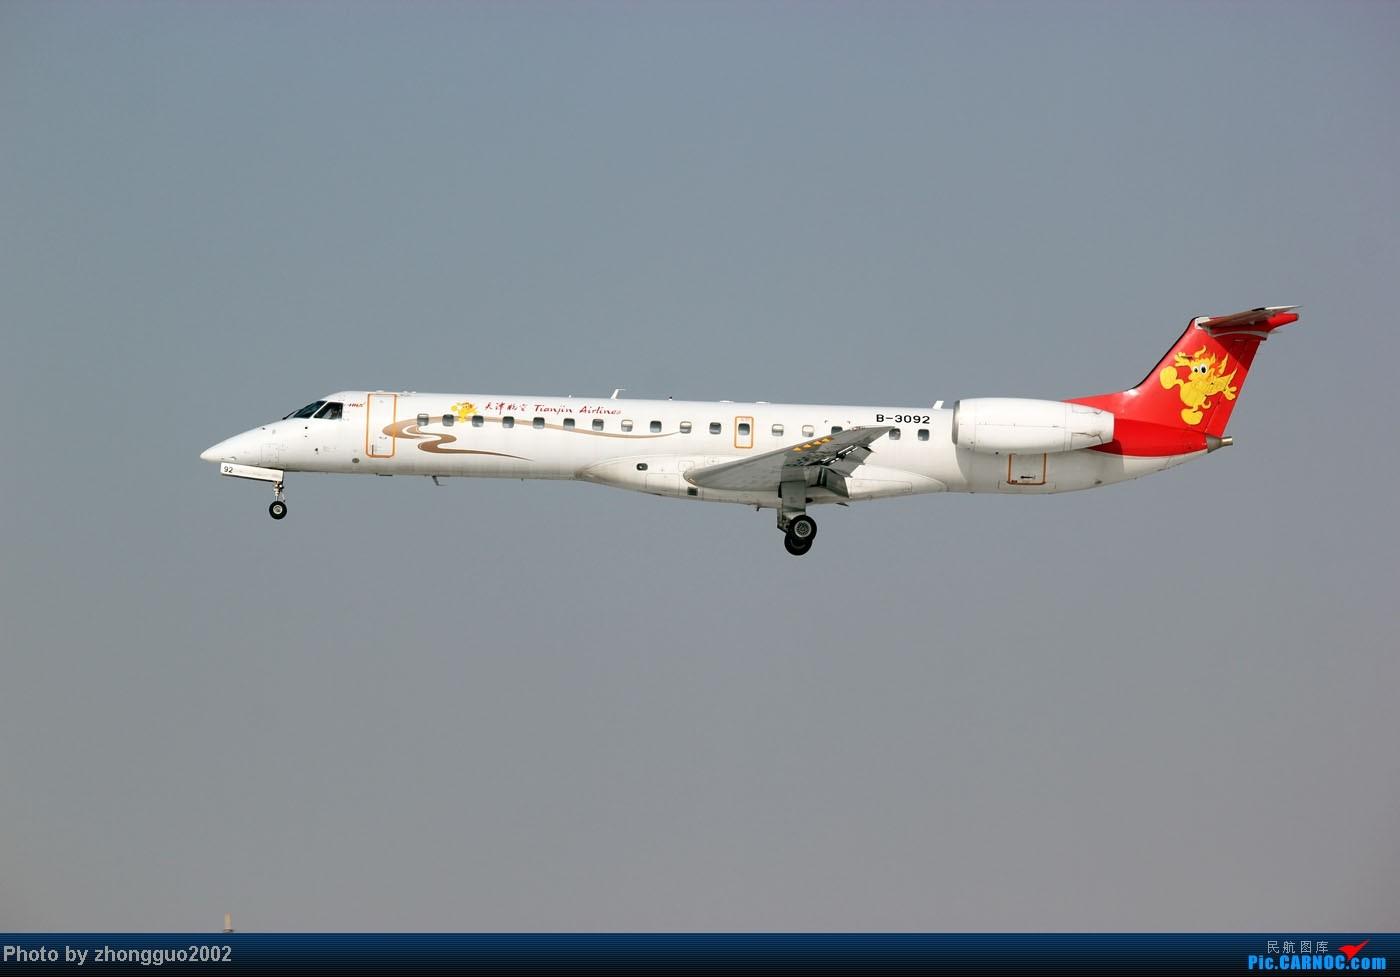 国姺f??f?_>>[原创]雾霾天气,灰蒙蒙,不过很幸运的又拍见蒙古国航空的fk50,还有